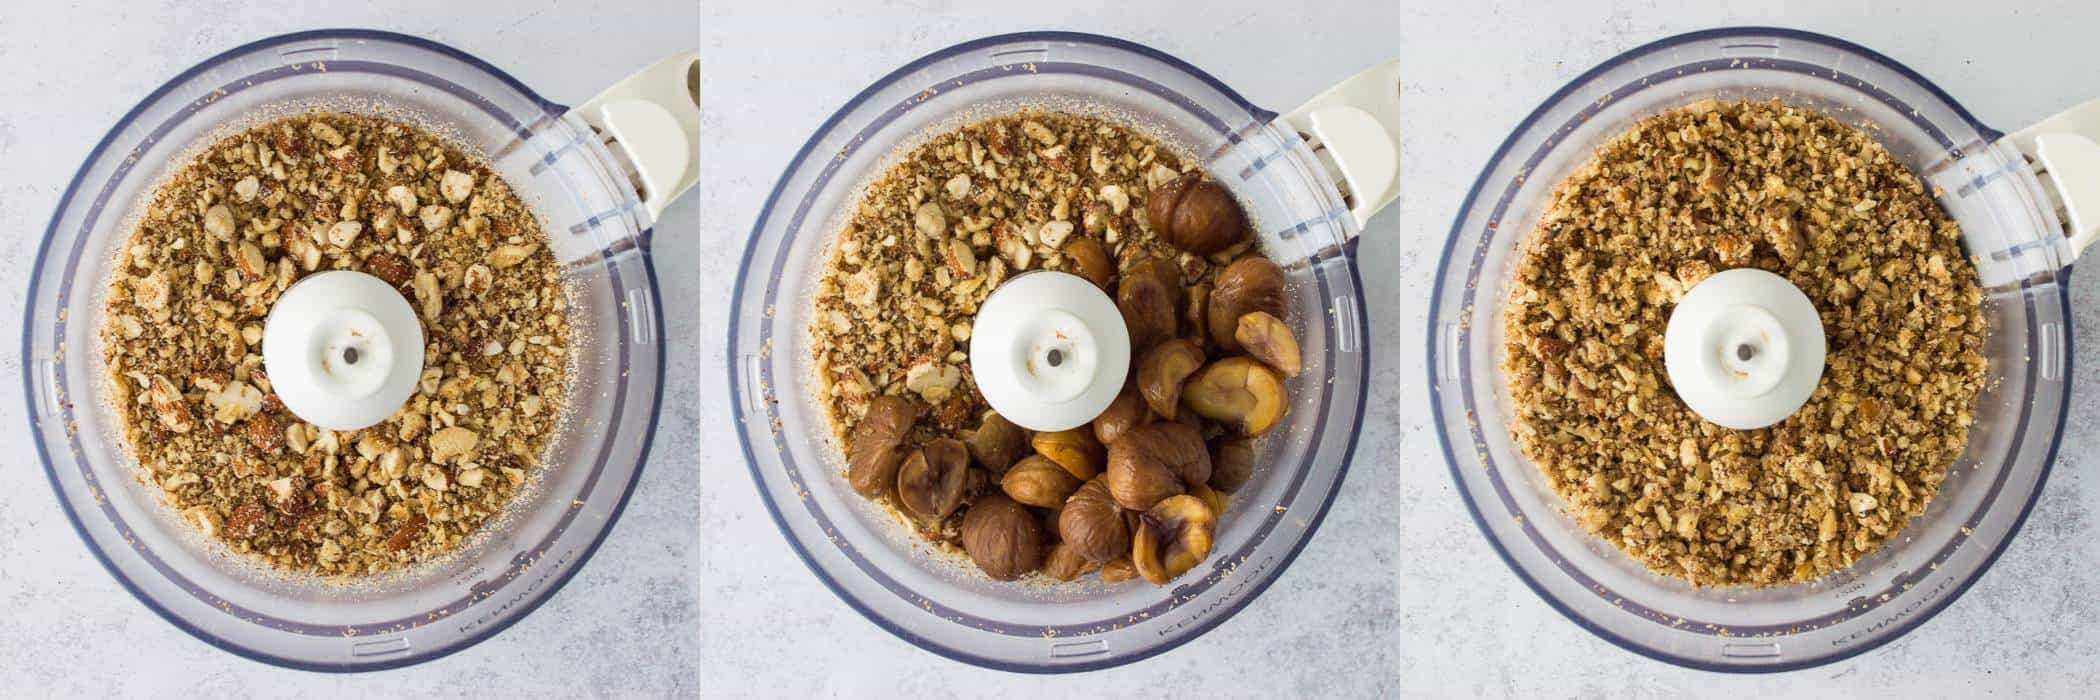 vegan nut roast step 4 - grinding the nuts